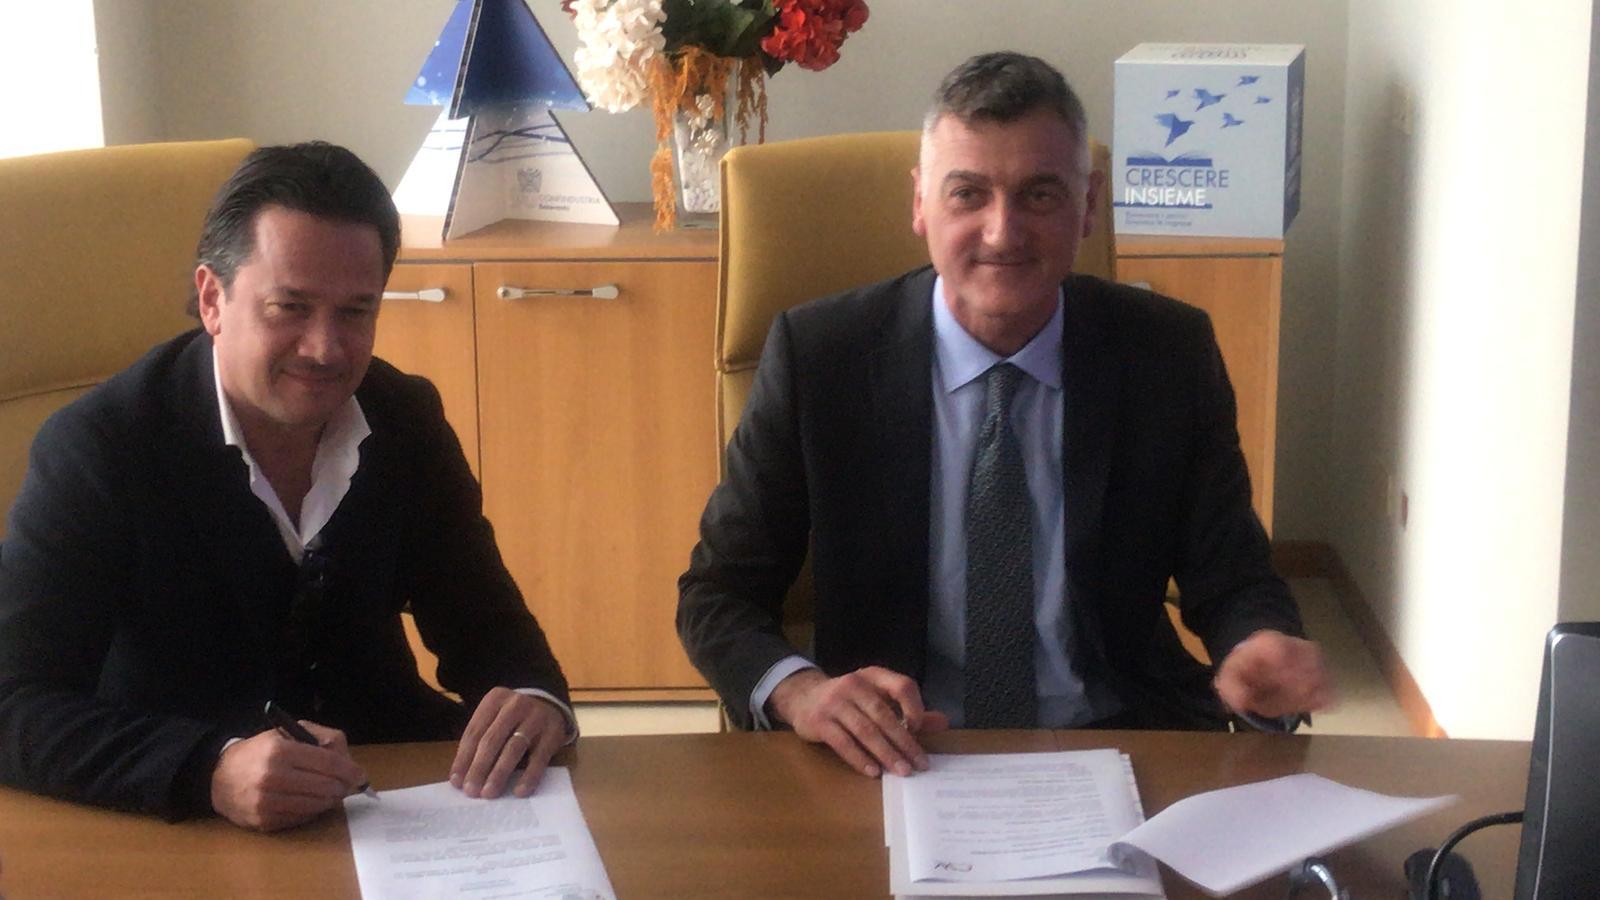 Benevento e Caserta firmano una convenzione per il turismo. Benevento promossa nell'infopoint della Reggia